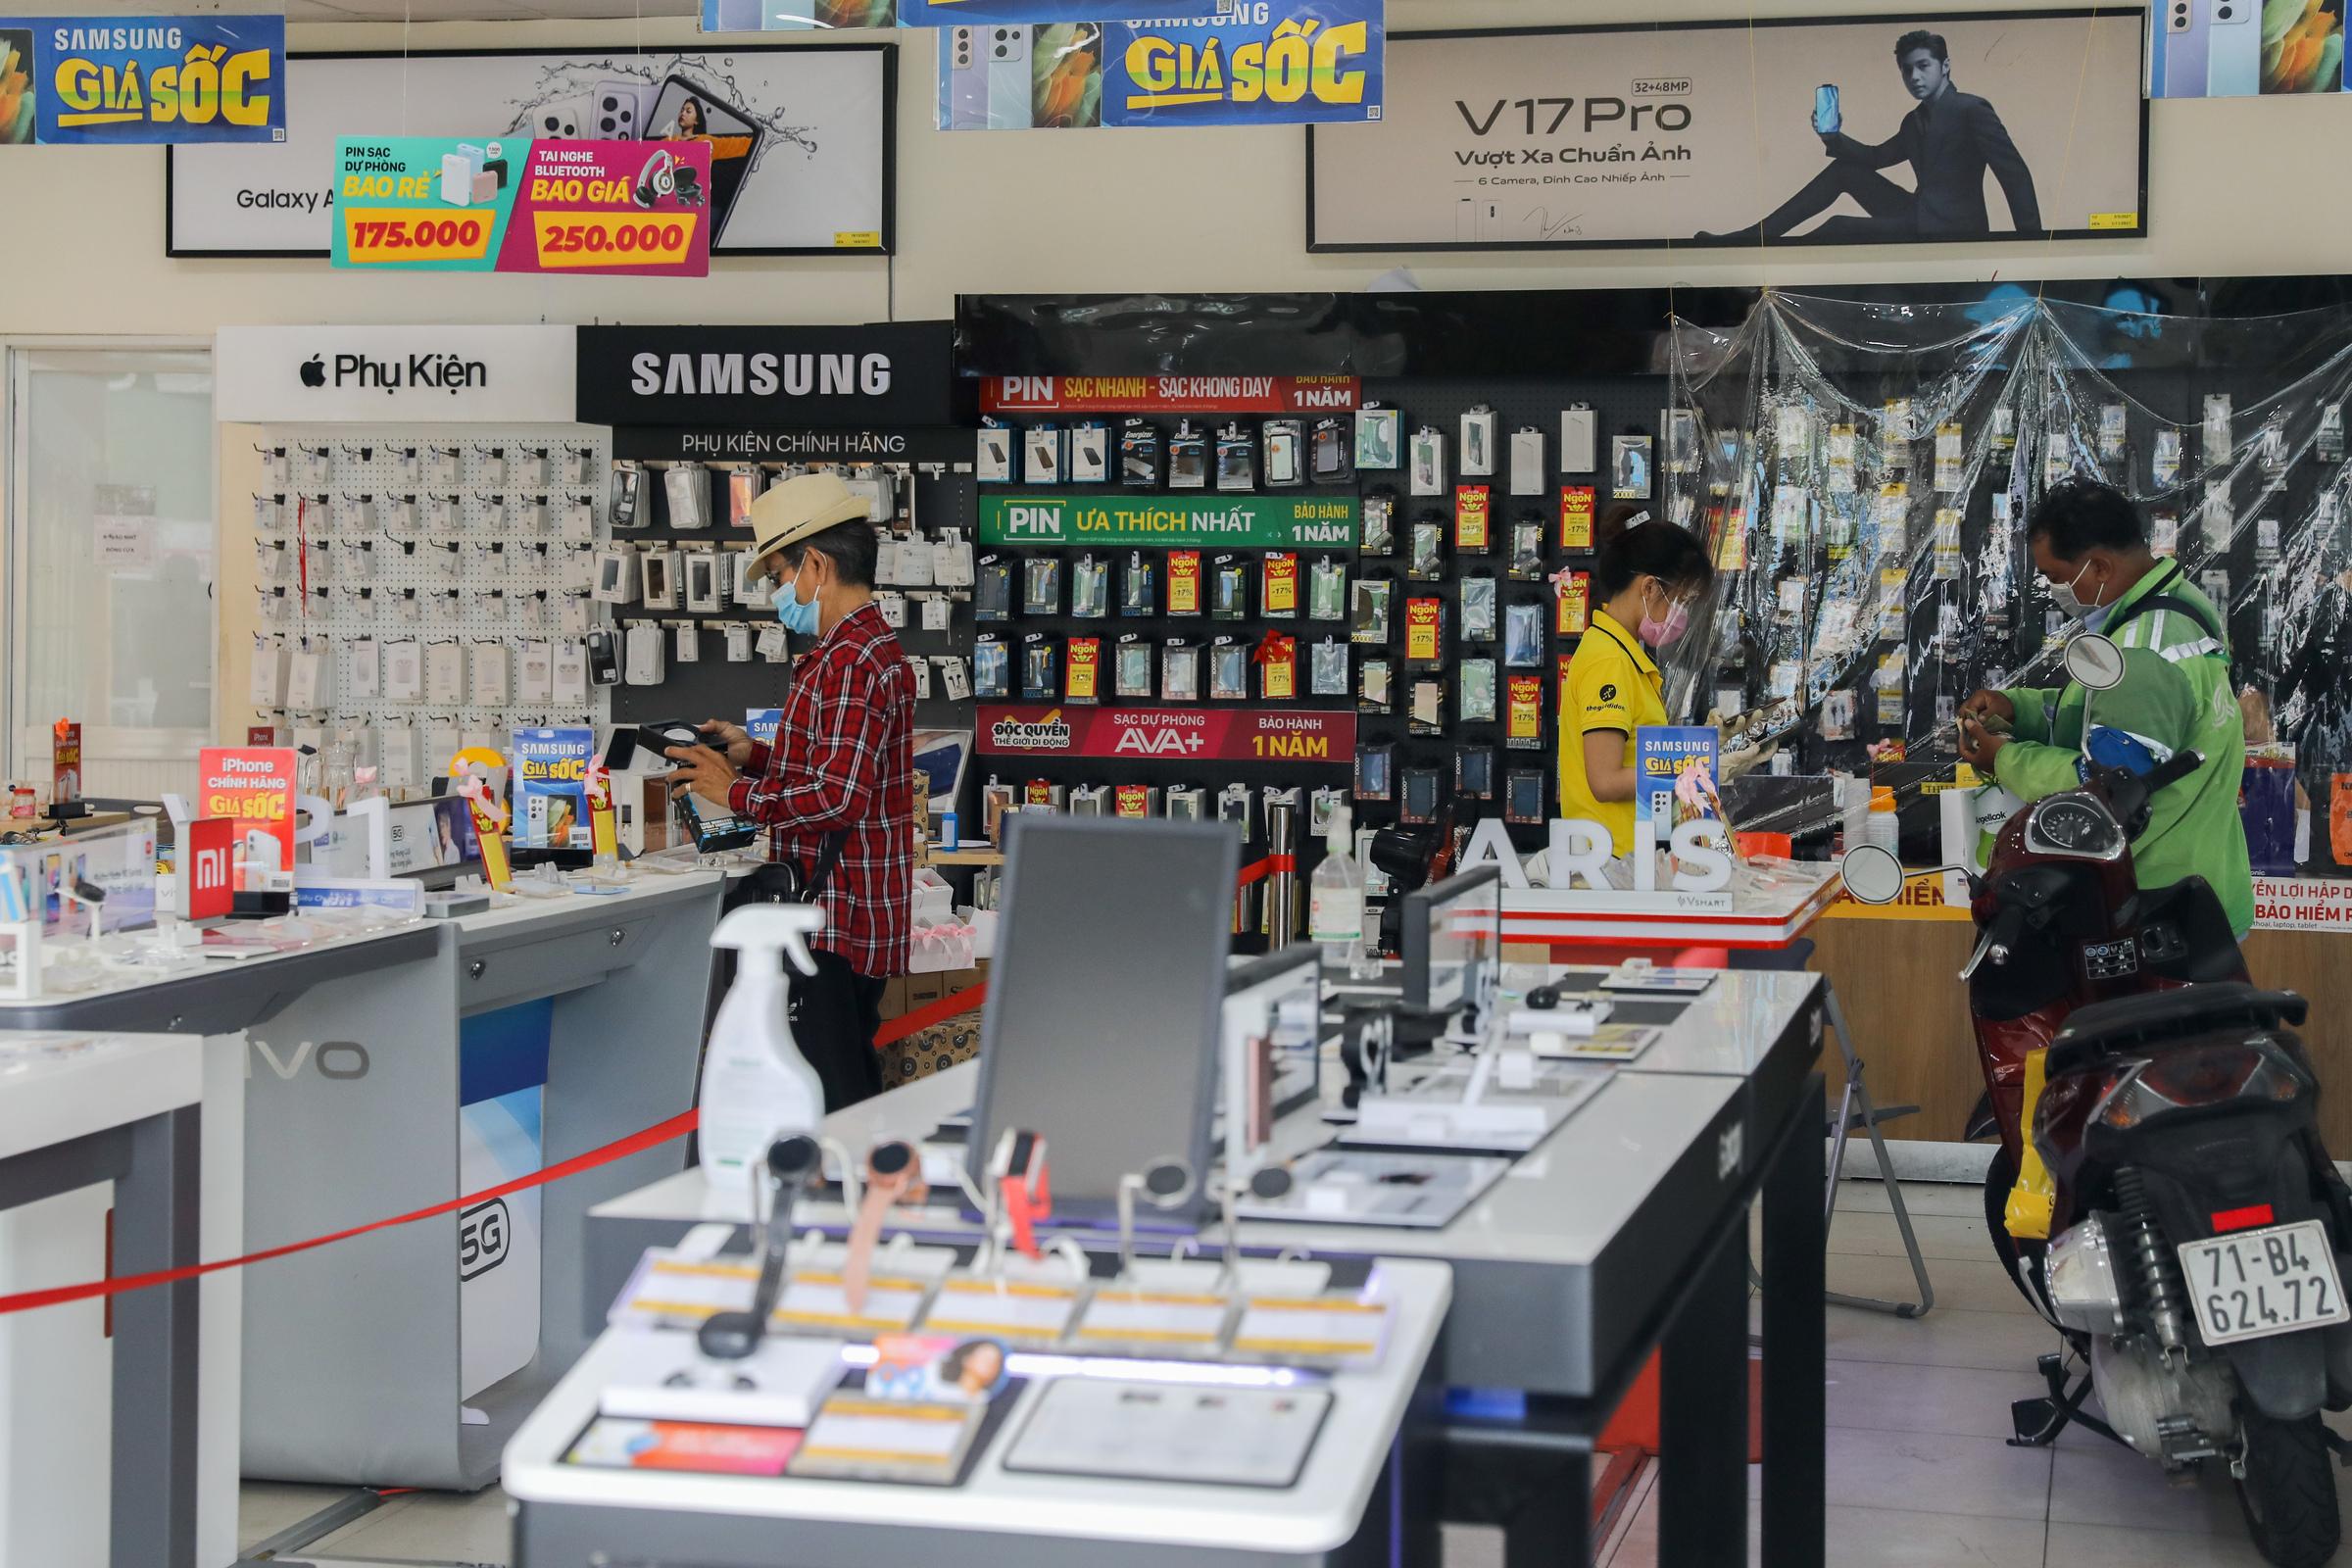 Nhiều cửa hàng ở quận 7 được thí điểm hoạt động lại ngày 16/9. Ảnh: Quỳnh Trần